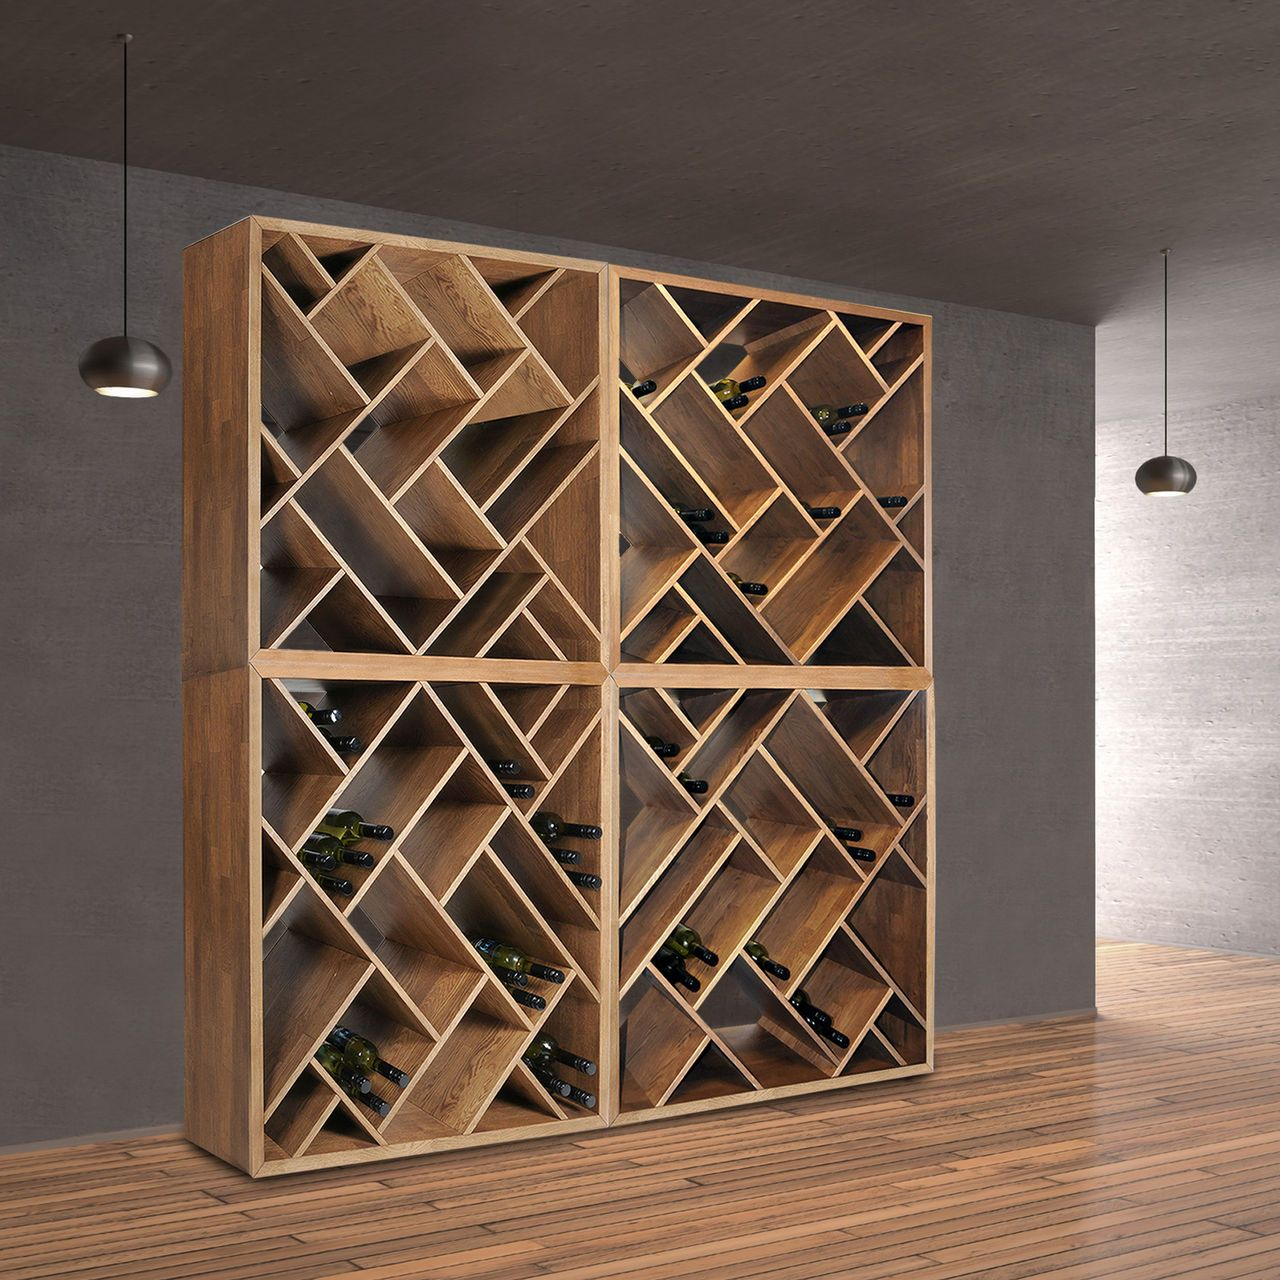 weinregal zeus weinregal weinregal massivem eichenholz stabile und robuste. Black Bedroom Furniture Sets. Home Design Ideas